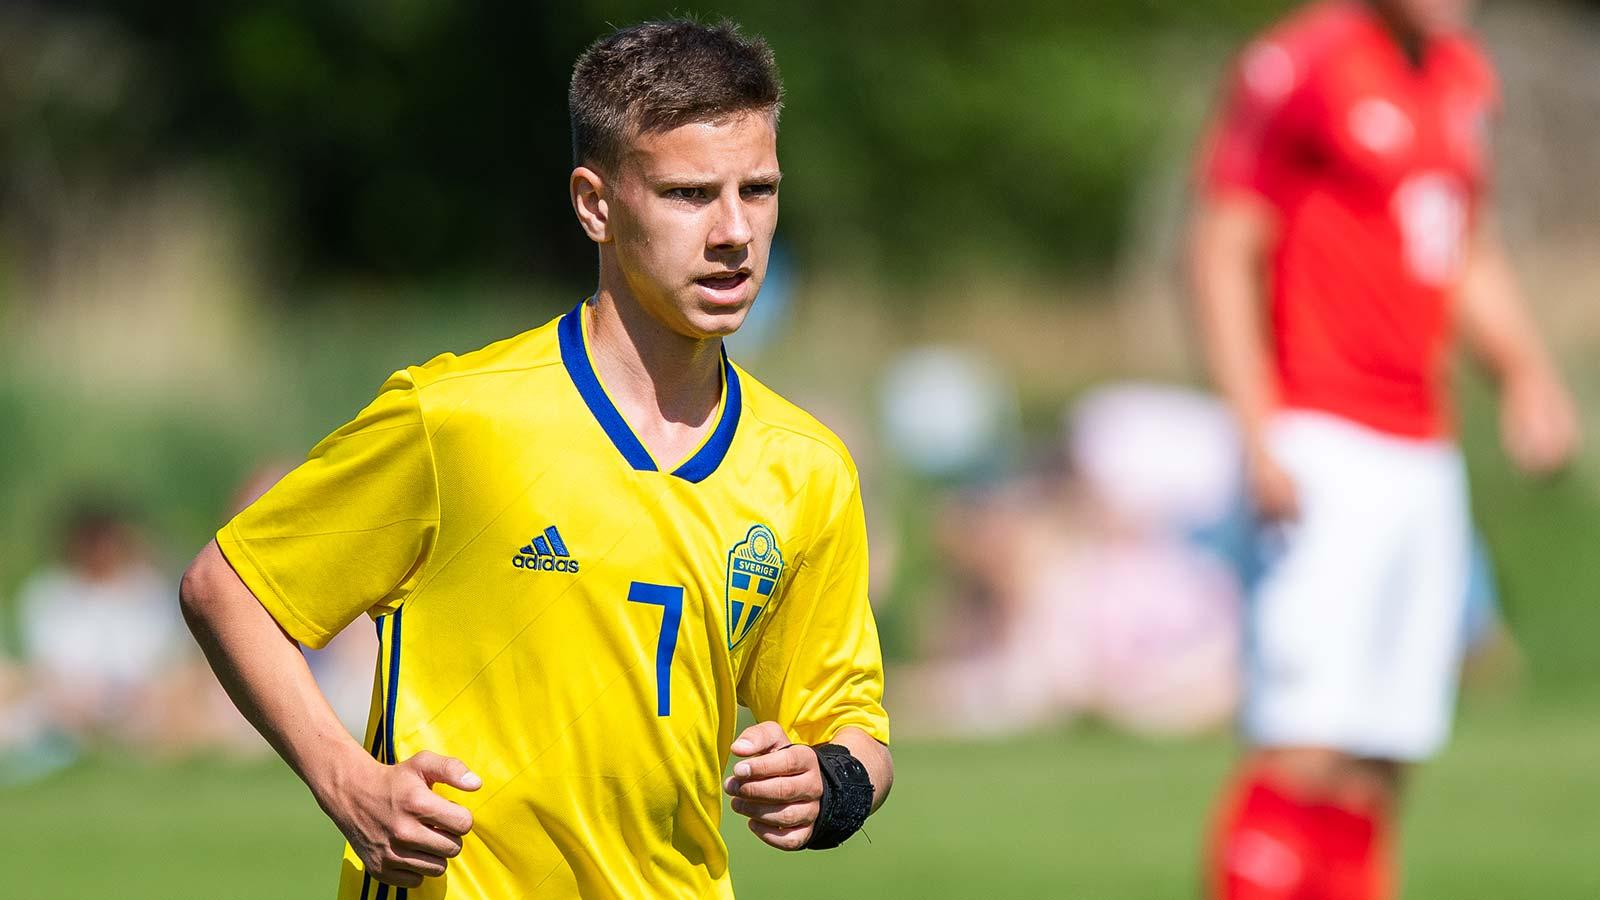 180522 Sveriges Lucas Kåhed under fotbollsmatchen i fyrnationersturneringen mellan Österrike och Sverige den 22 Maj 2018 i Henån.